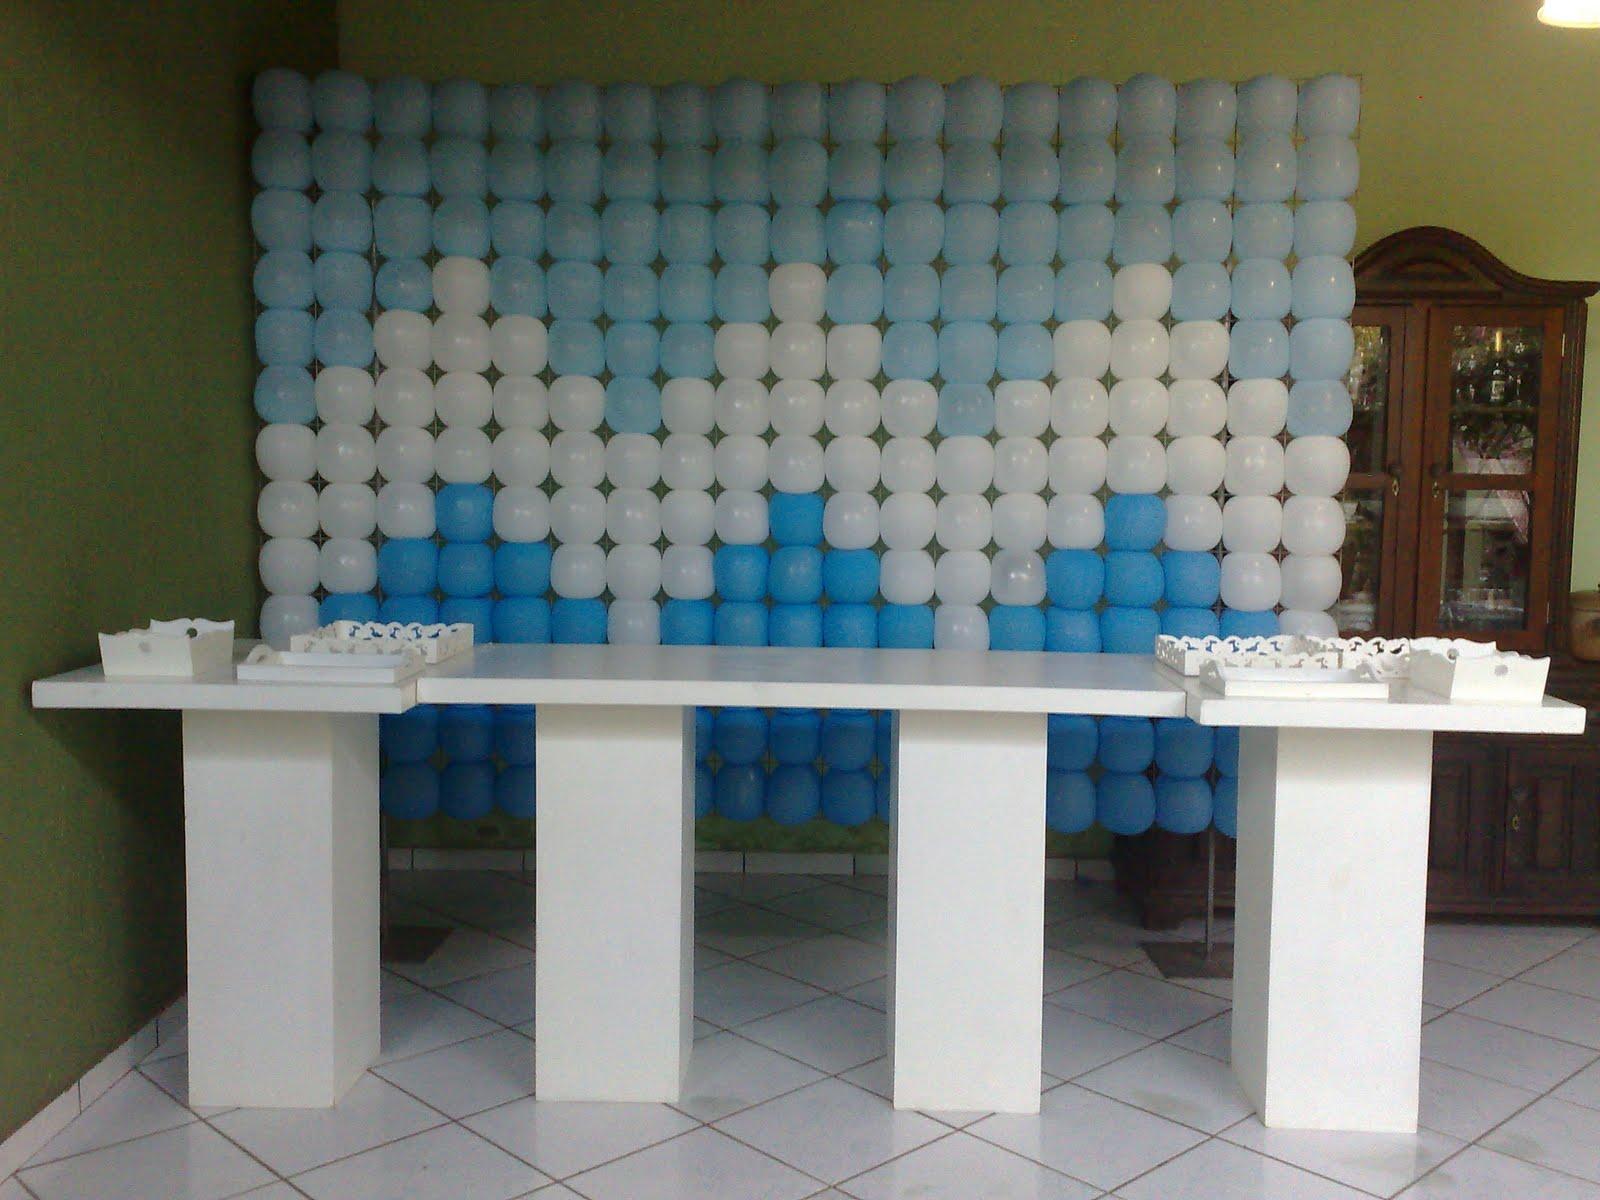 de 8 anos do ruam com tons de azul e branco fizemos o painel de